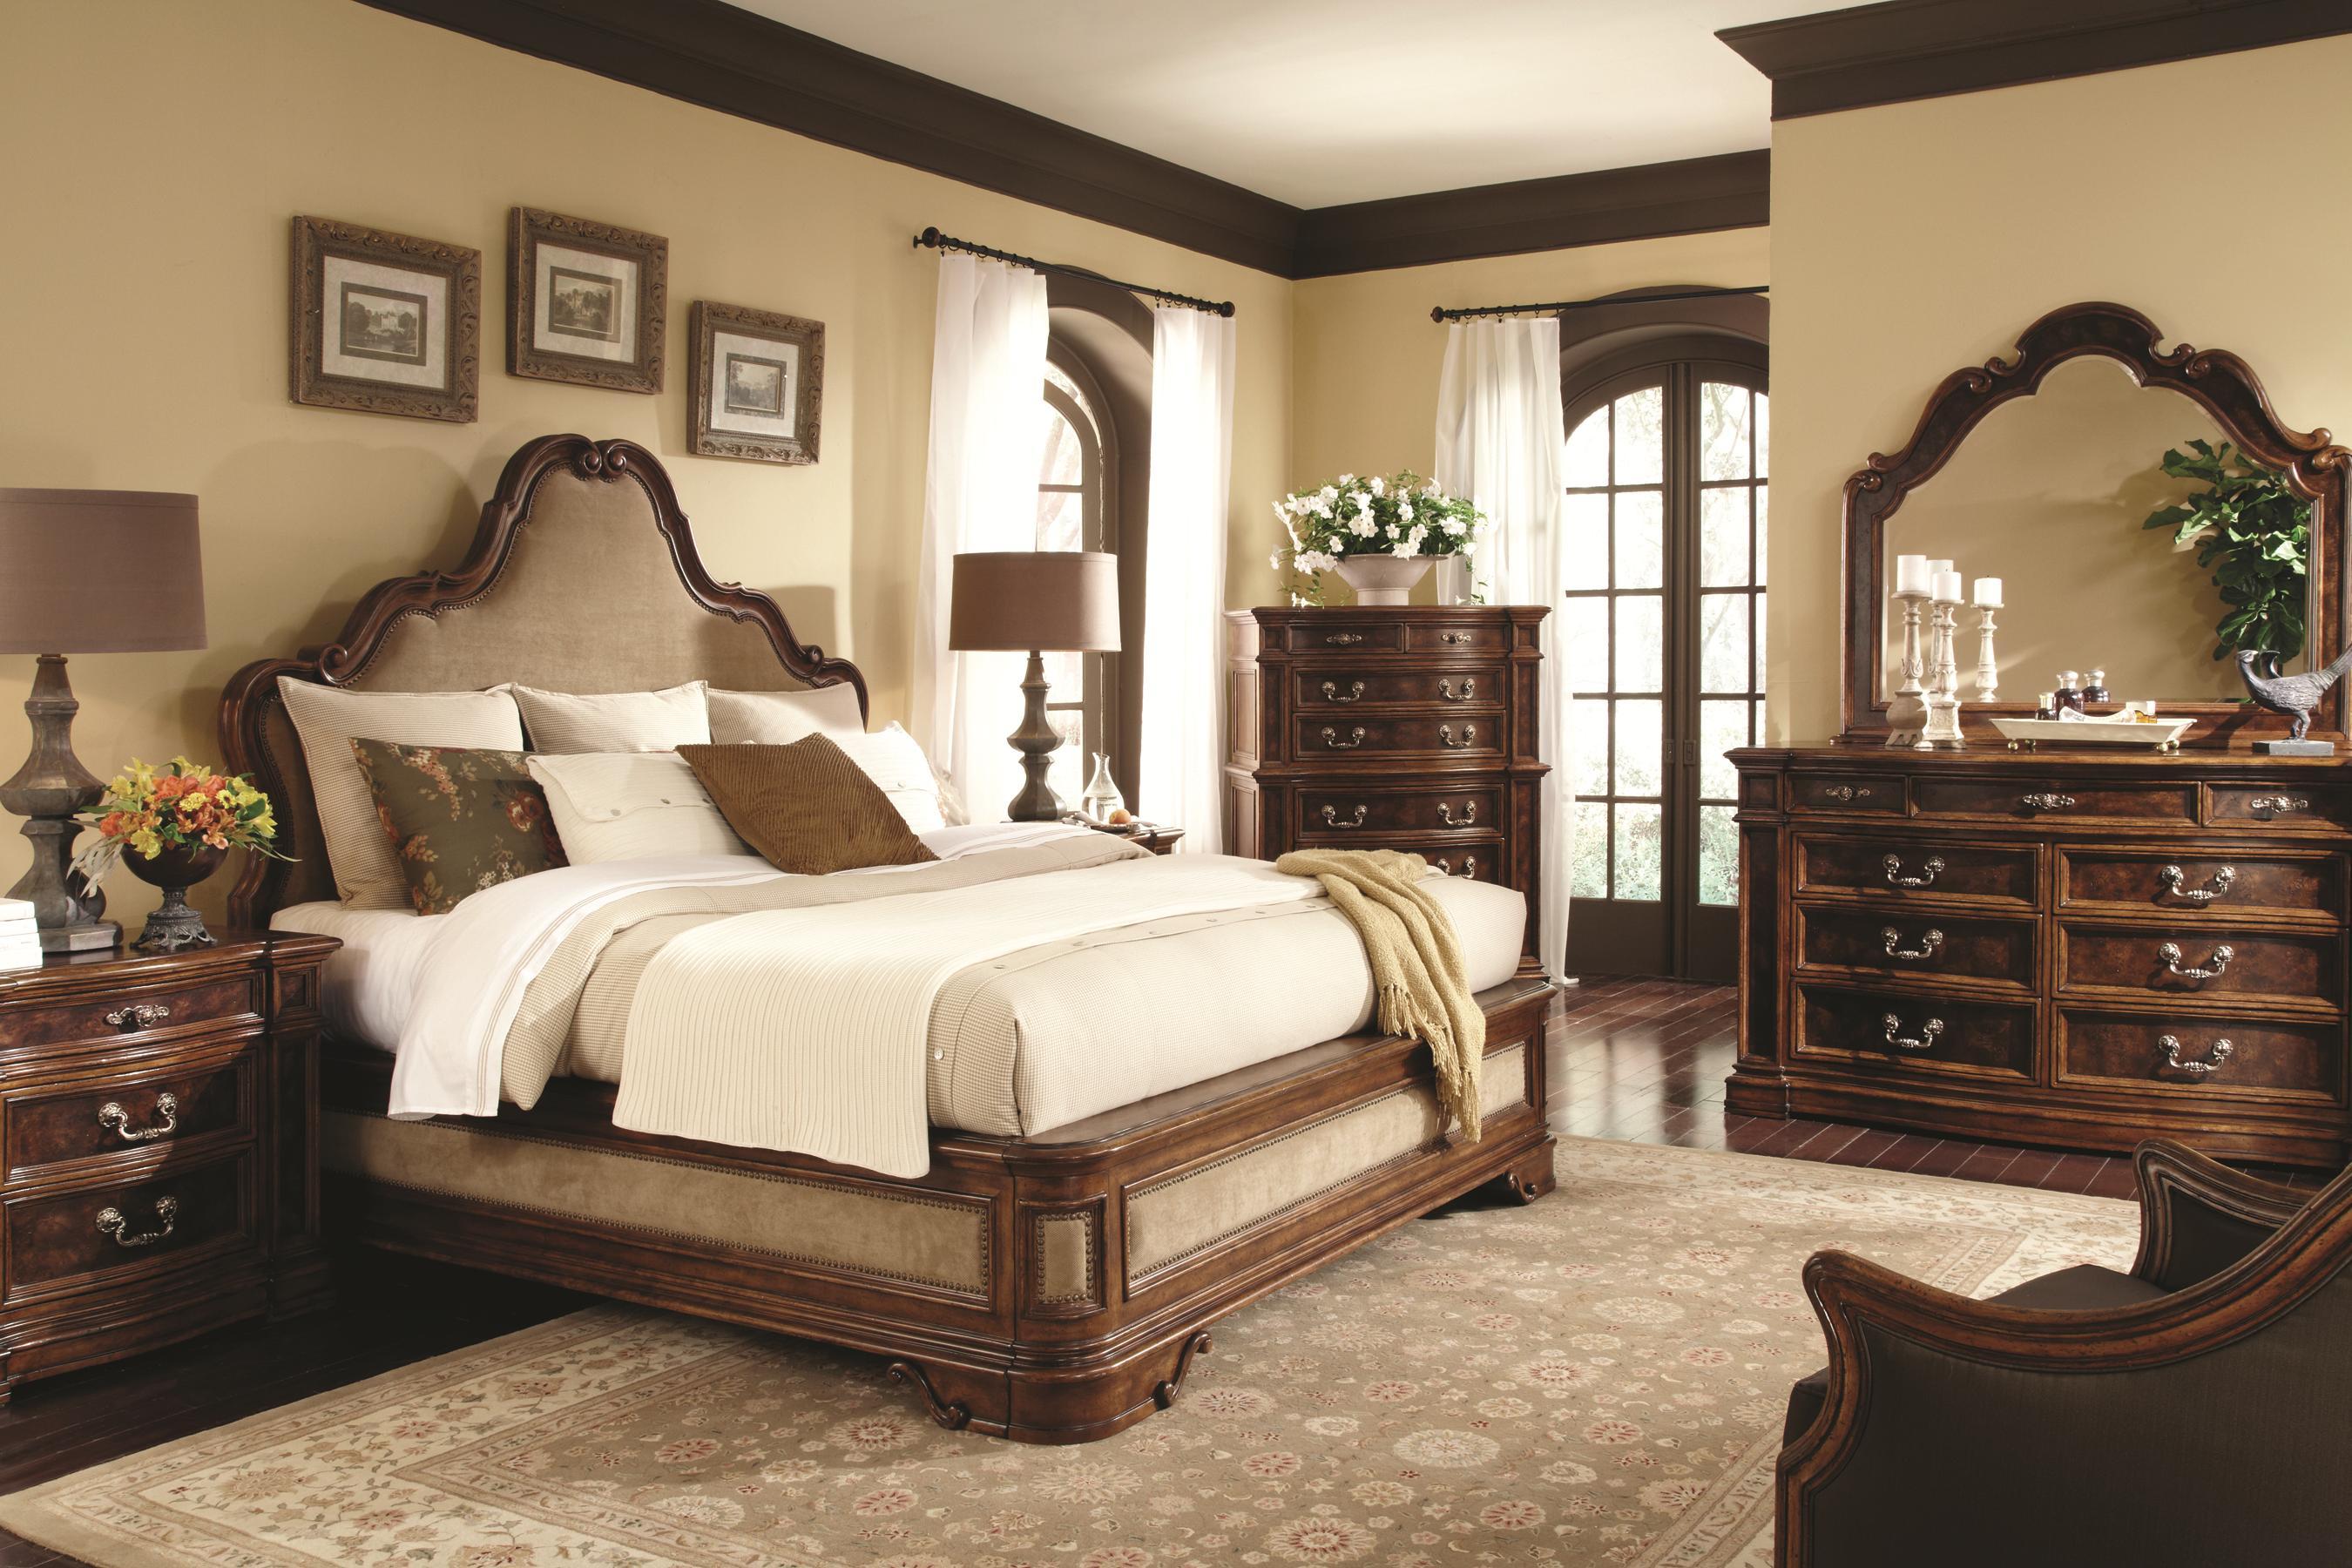 Schnadig Bedroom Furniture Schnadig Majorca 3 Drawer Nightstand With Mappa Burl Veneer Panels